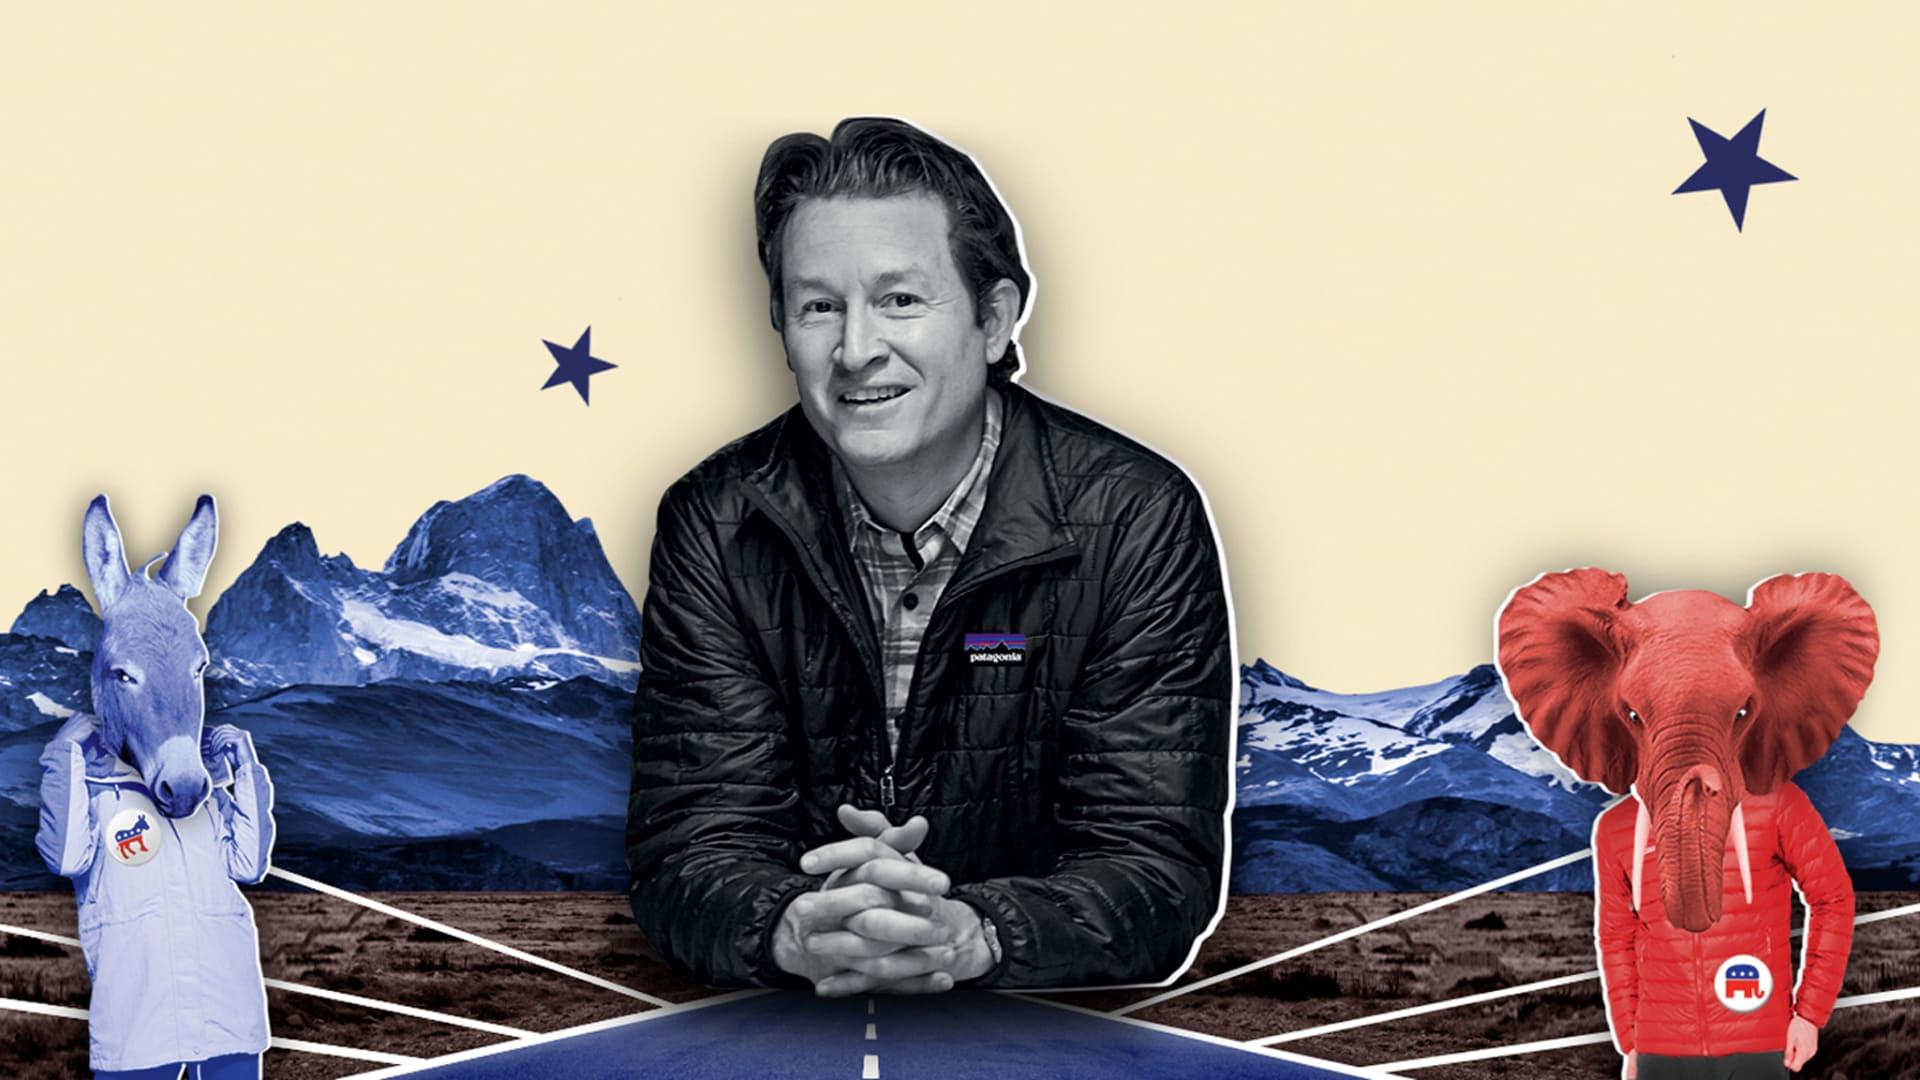 Ryan Gellert, CEO of Patagonia.